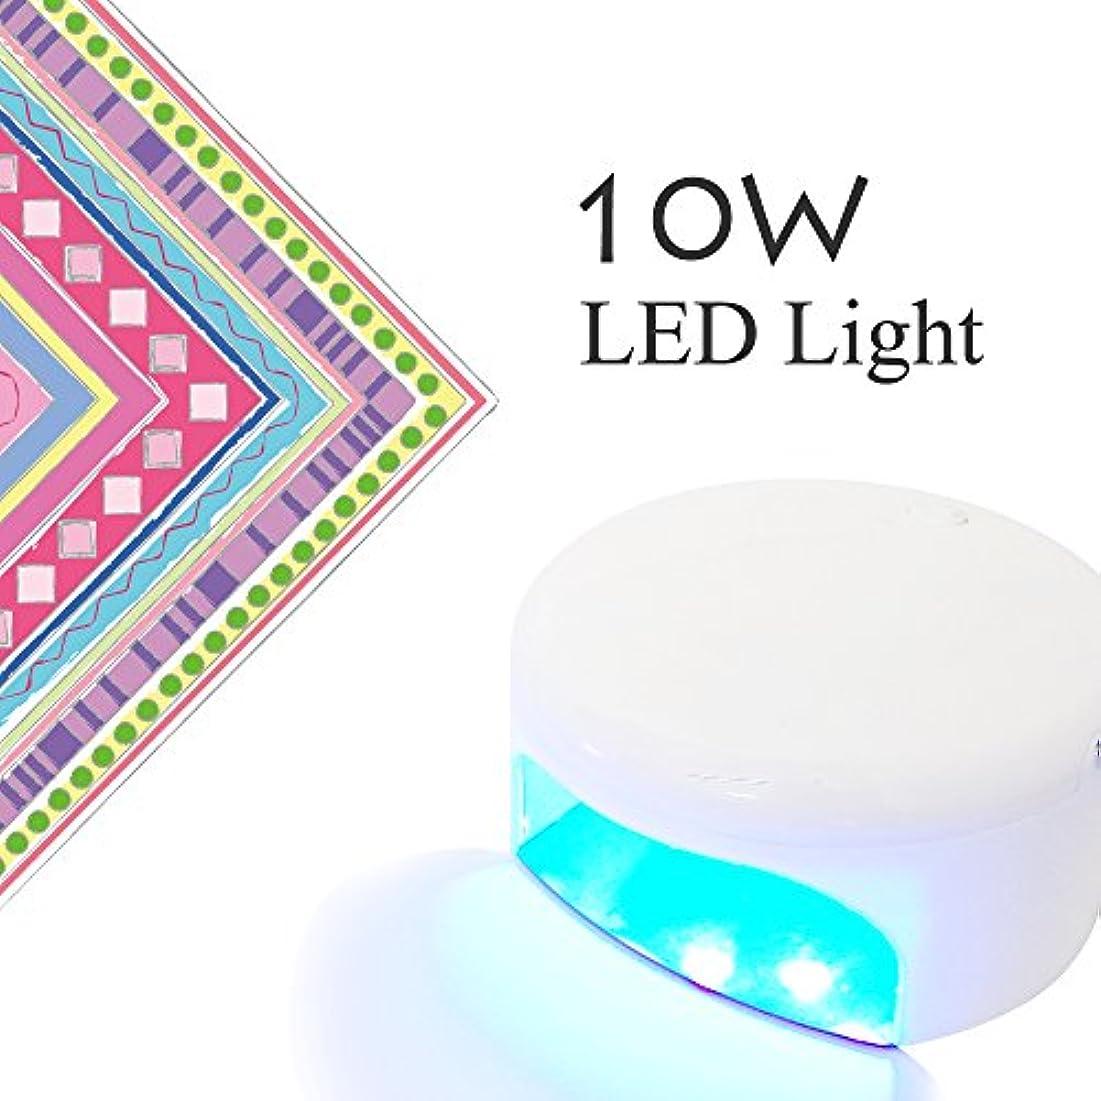 前文杖メロディーネイル用LEDライト 10W チップLED搭載 【LED10wライト】コンパクトハイパワー保証書。取扱説明書付き ジェルネイル (10W)